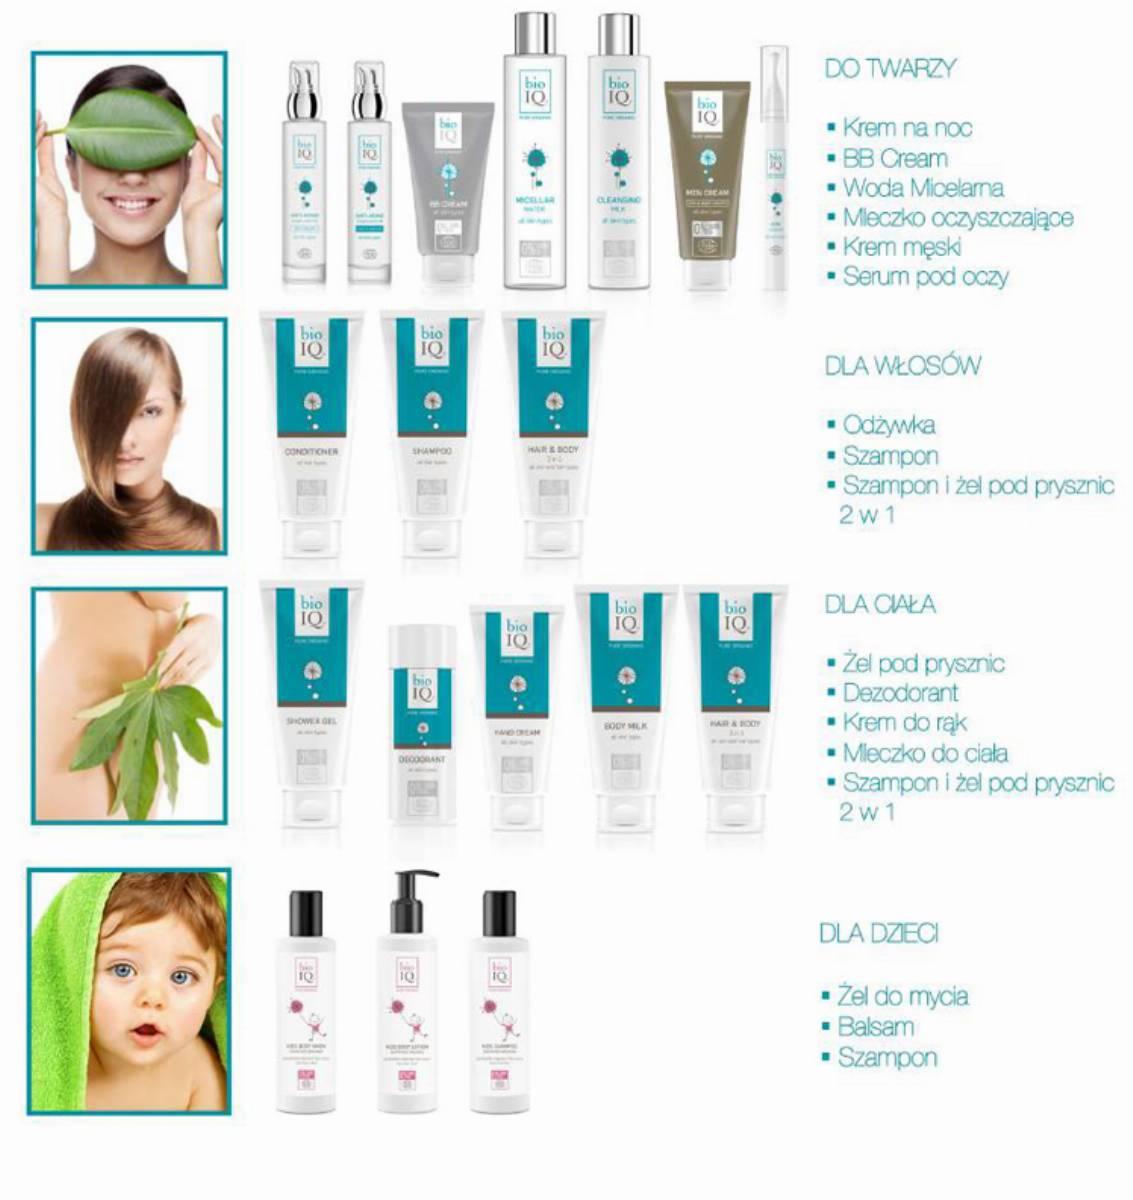 kosmetyki-bio-iq